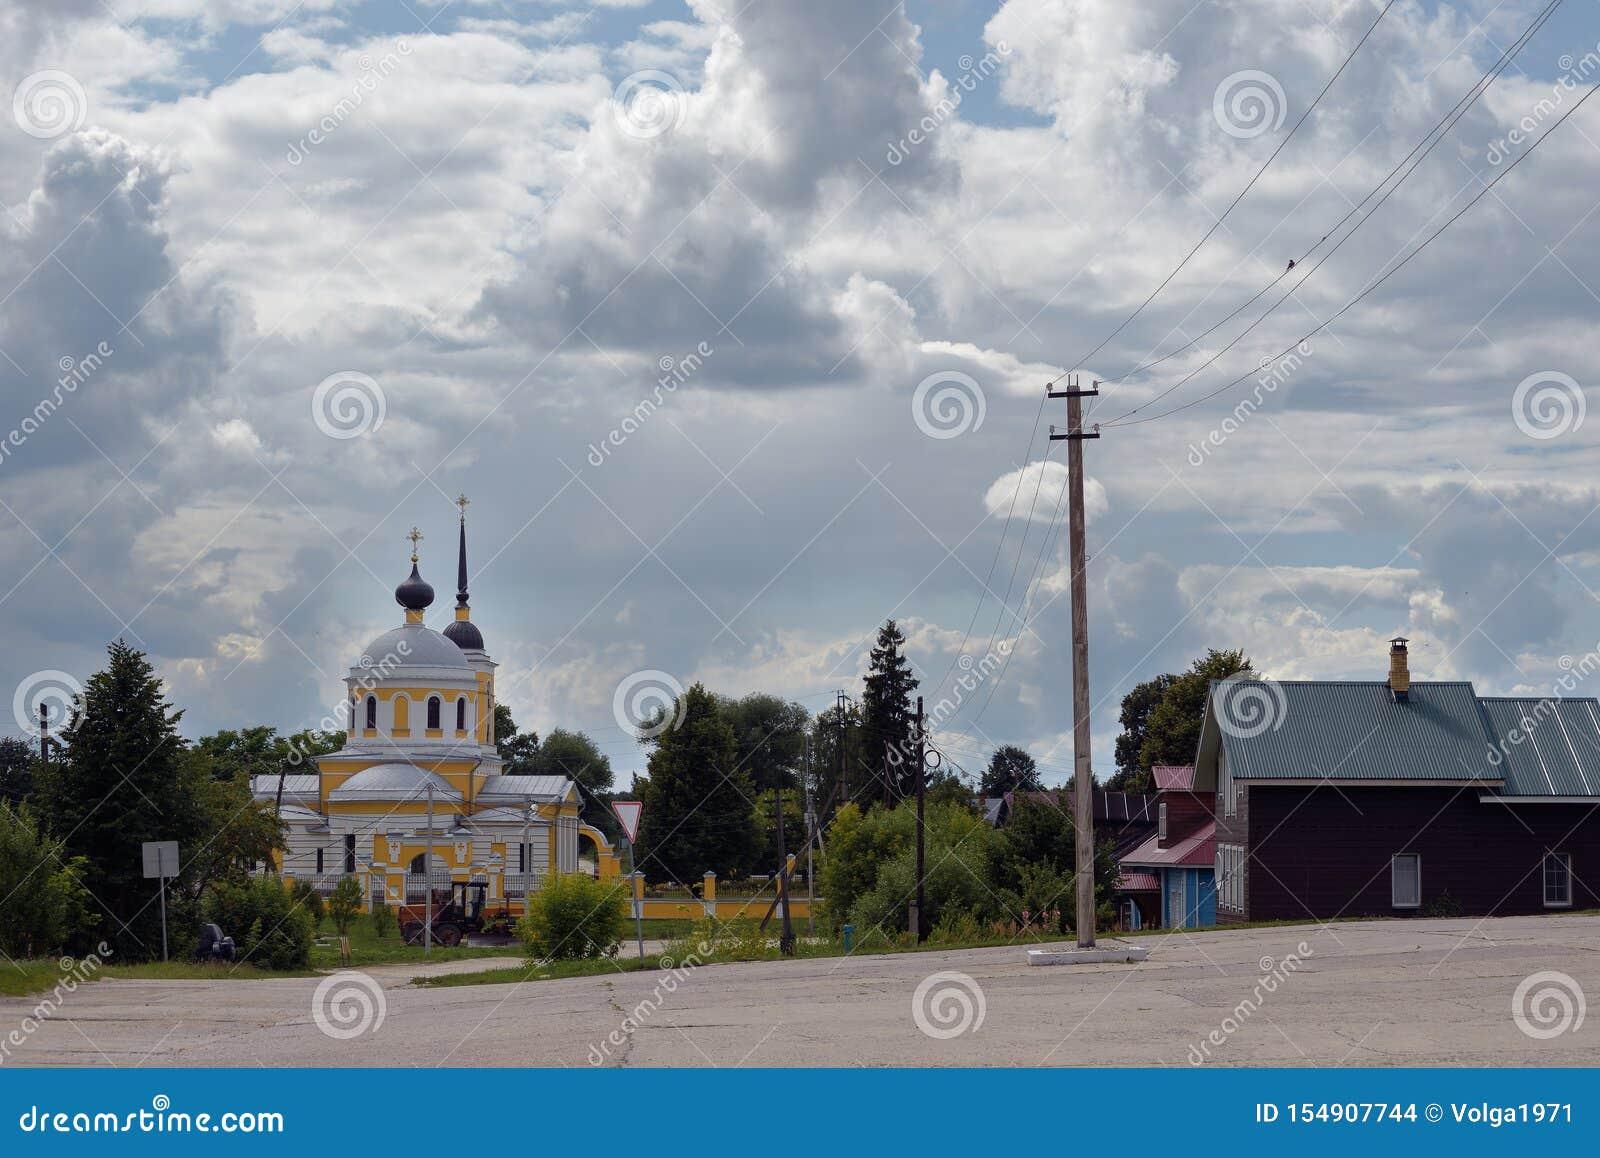 Του χωριού οδός